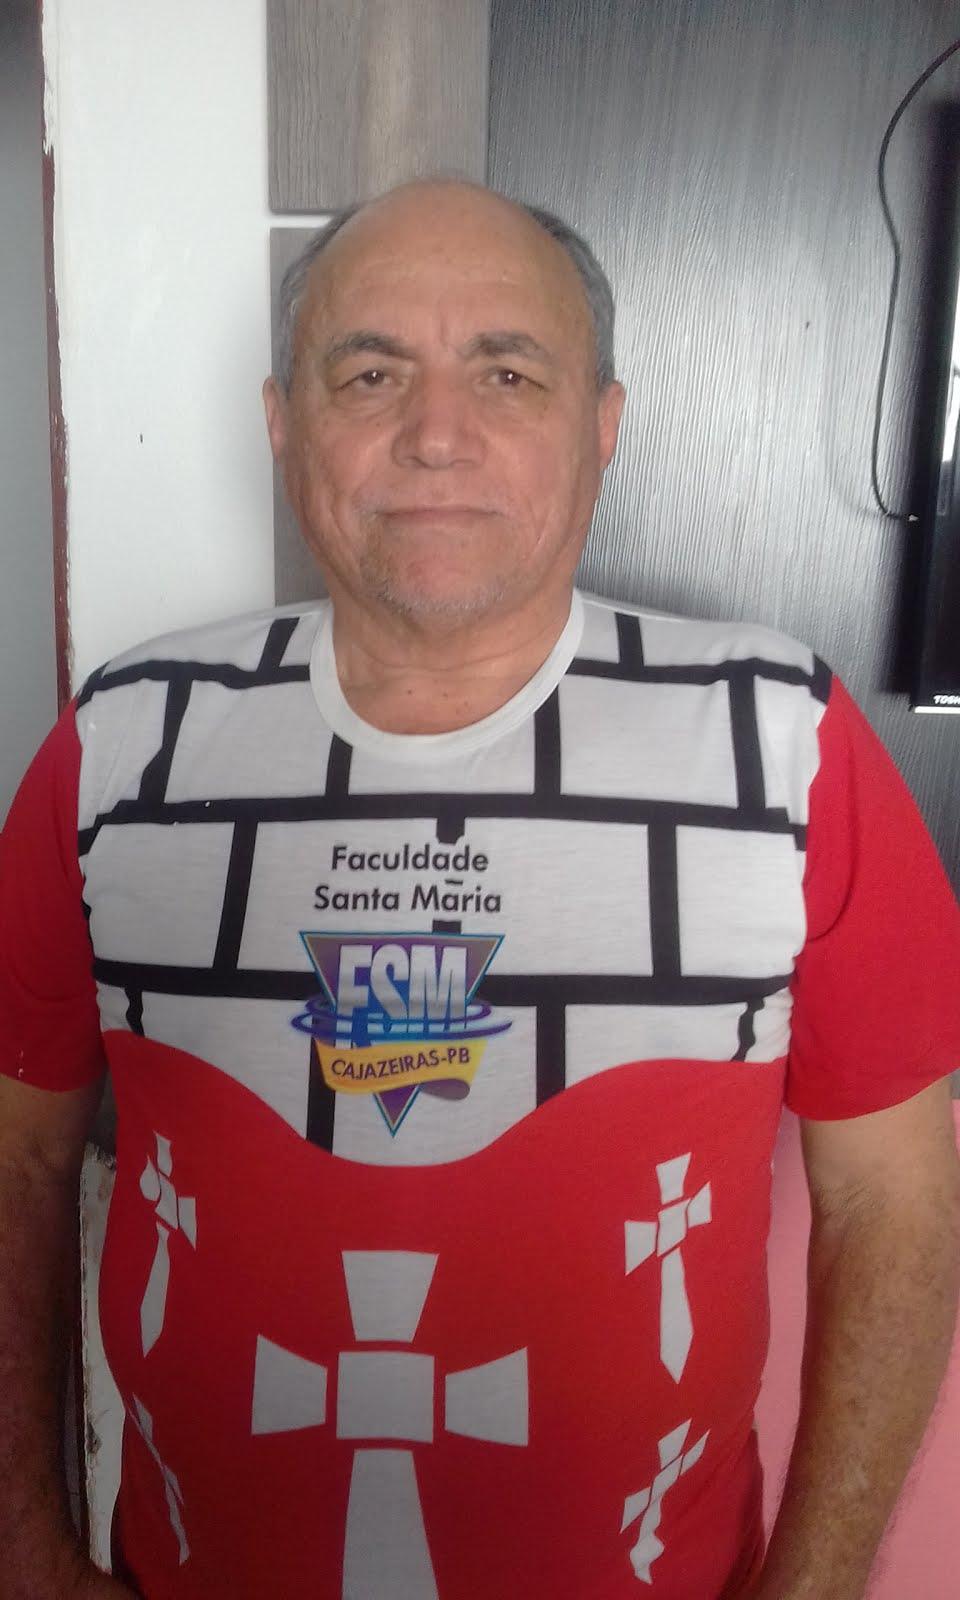 NOVO  PERFIL  DO EDITOR  DE SERVIÇO  GRANDE JORNAL DO ESTADO PB